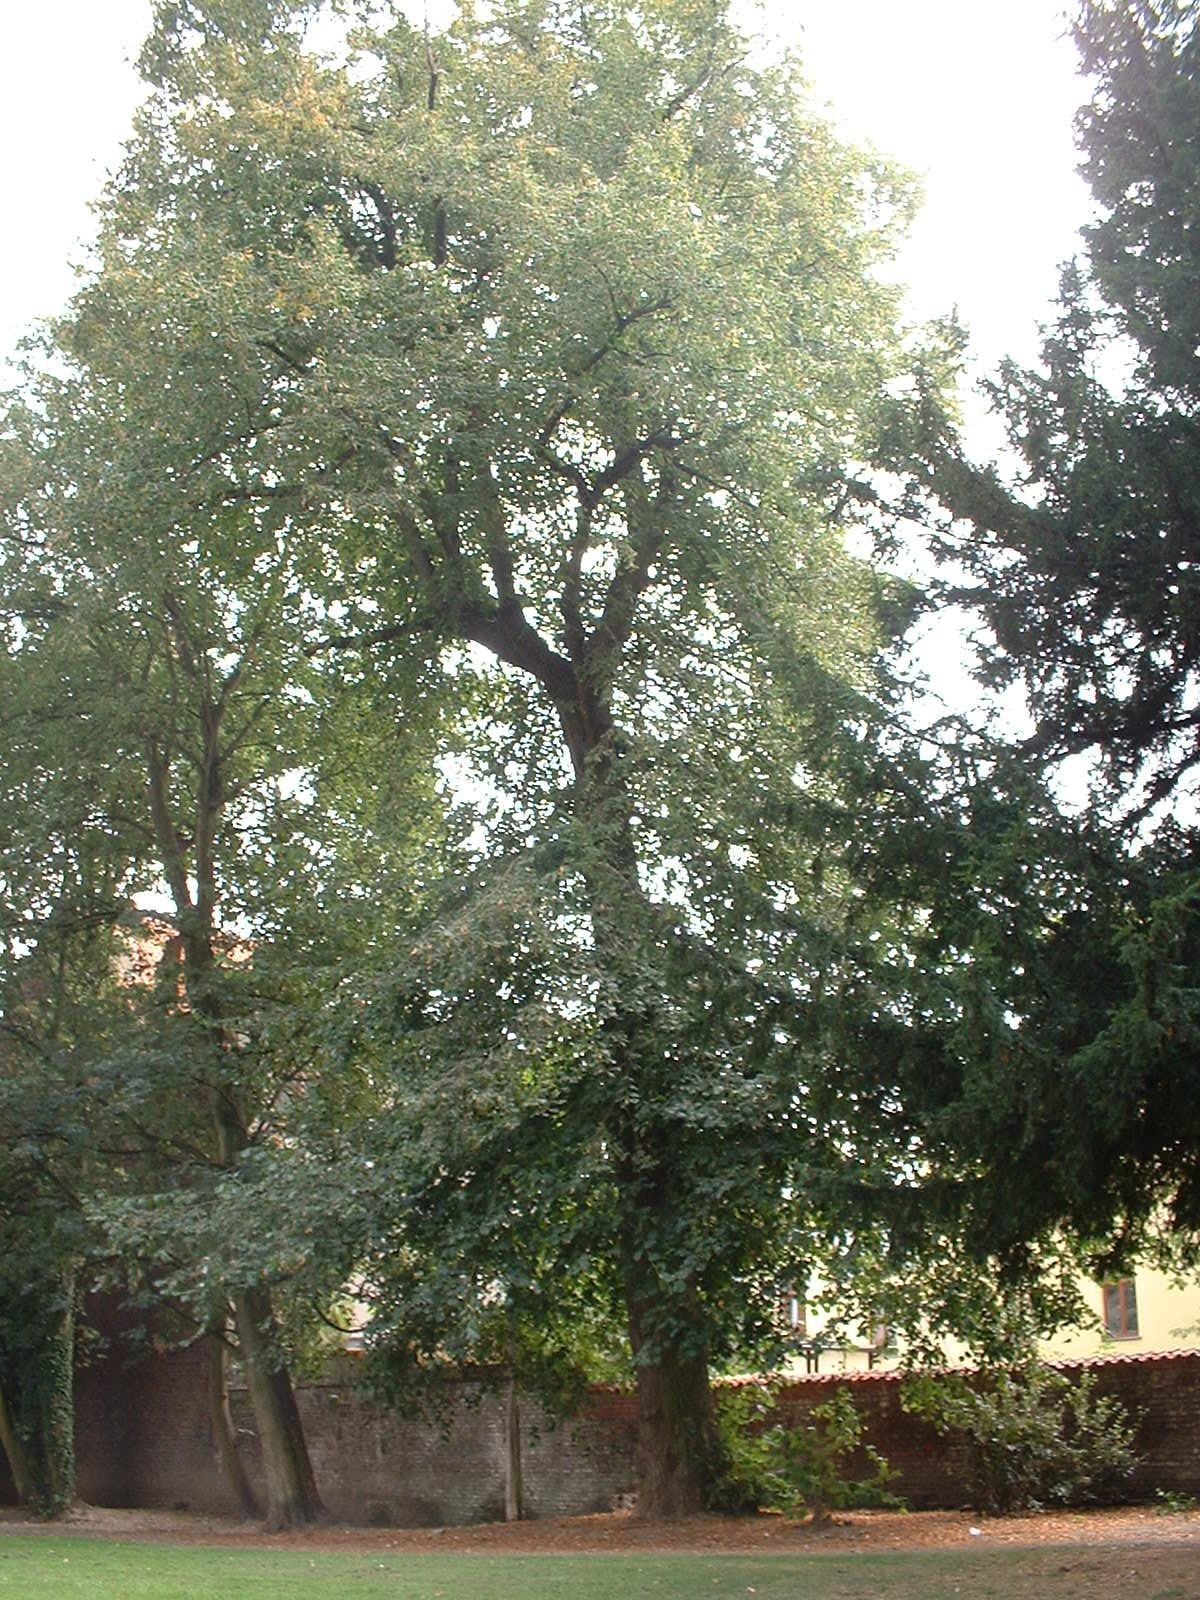 Tilleul à larges feuilles – Berchem-Sainte-Agathe, Parc Saint-Moulin, Rue des Soldats, 21 –  21 Août 2003